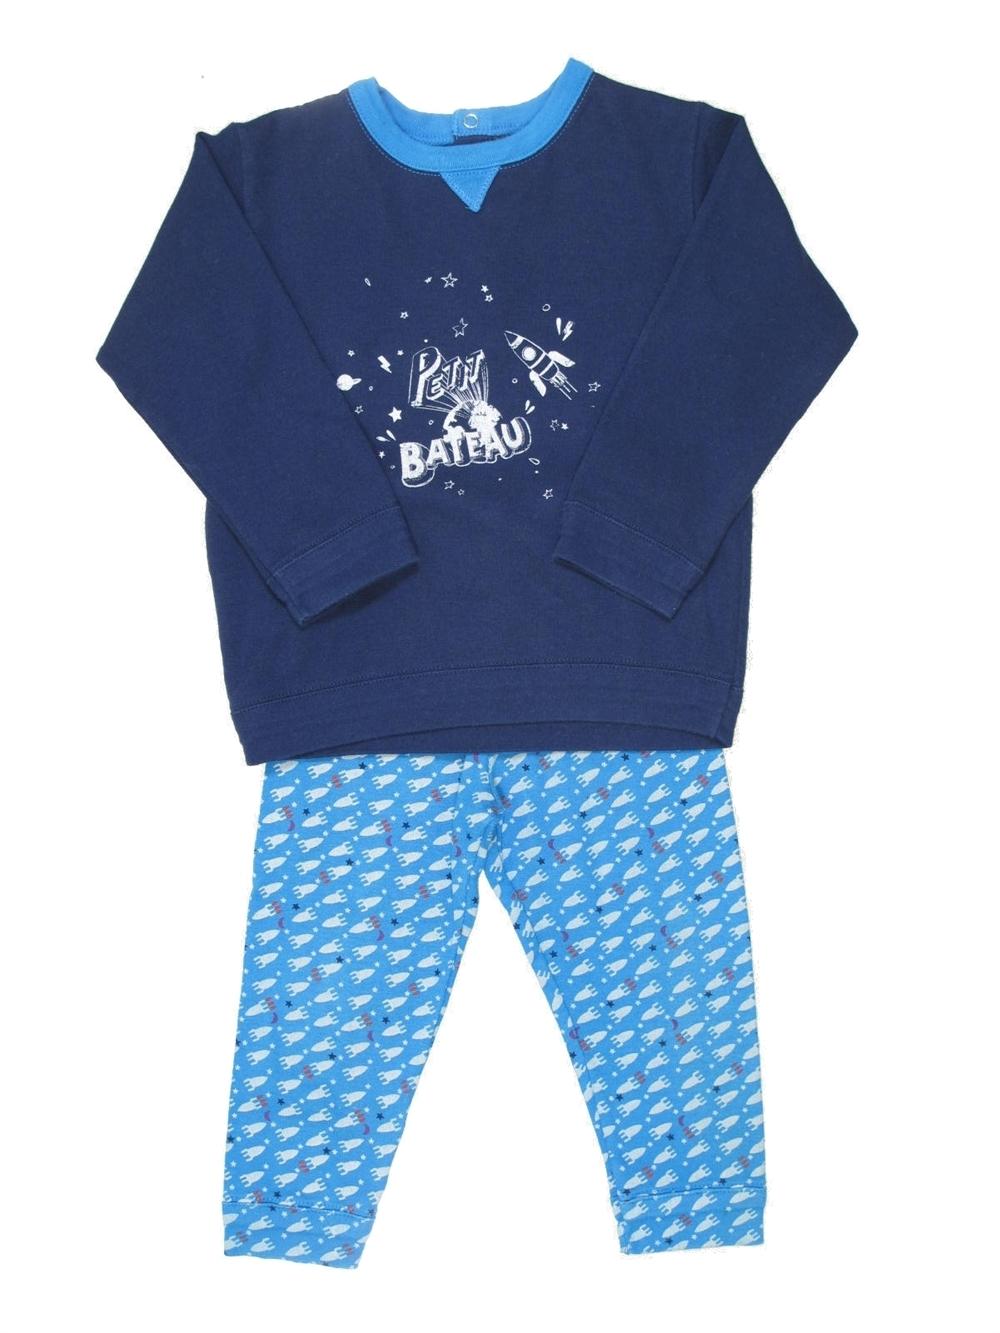 75f6a81832487 Pyjama 2 pieces bleu PETIT BATEAU du 18 mois pour Garcon - 392026